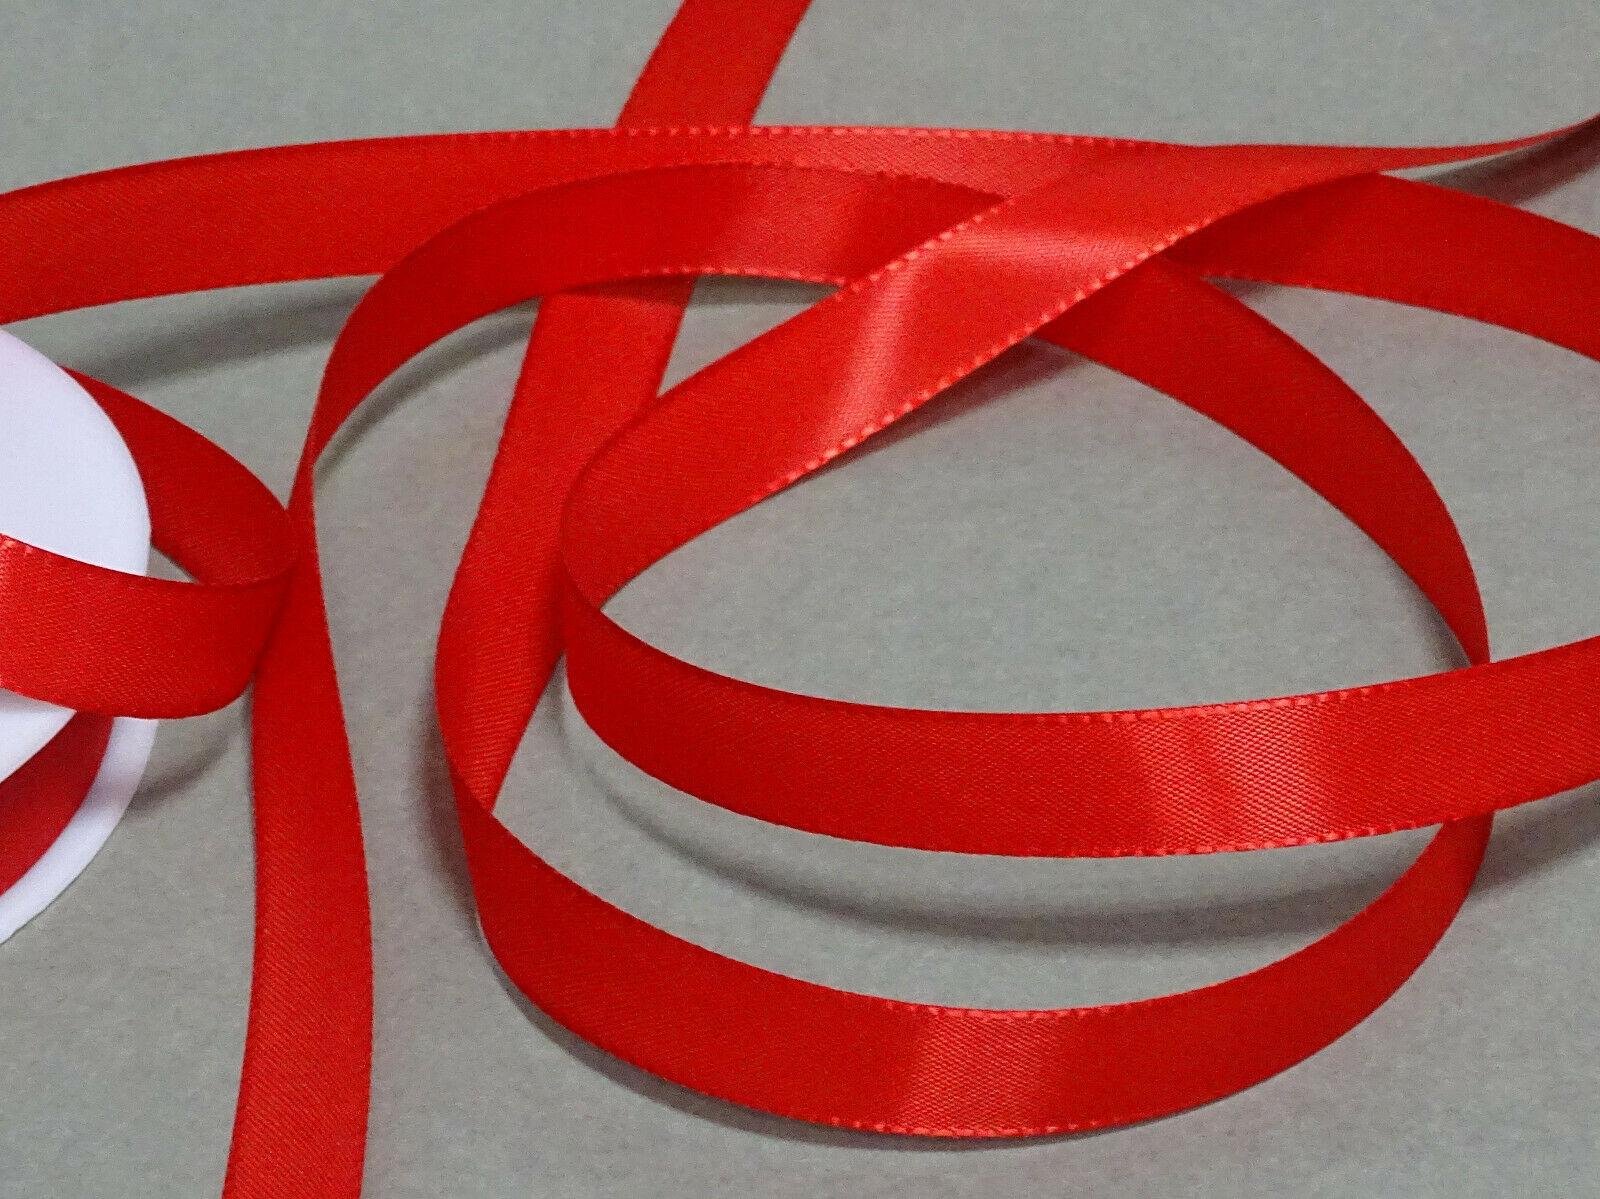 Seidenband Schleifenband 50 m x 15 mm / 40 mm Dekoband ab 0,08 €/m Geschenkband  - Rot 123, 15 mm x 50 m